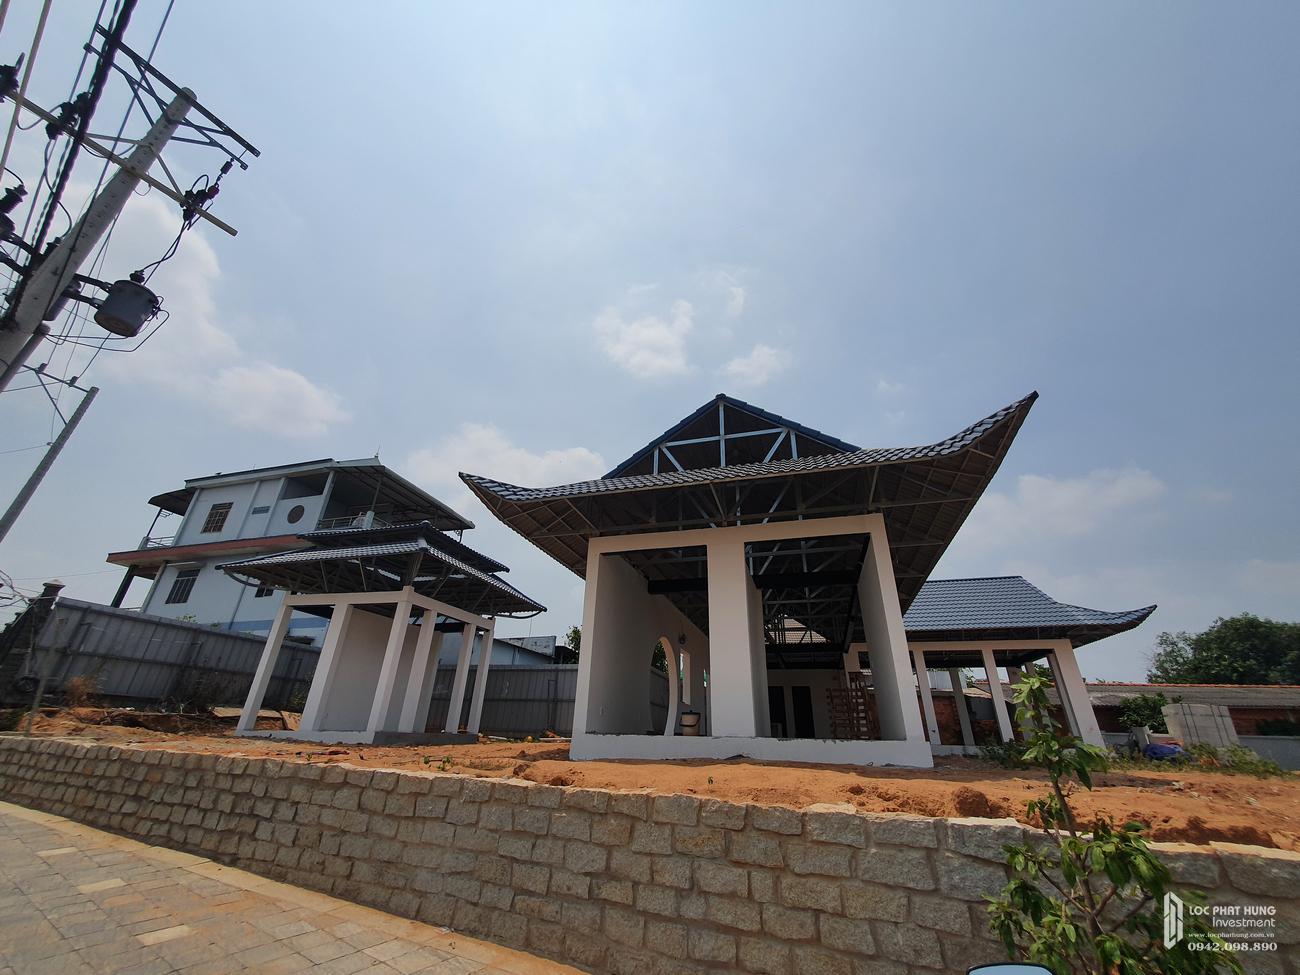 Tiến độ dự án nhà phố Takara Residence Thủ Dầu Một Chánh Nghĩa chủ đầu tư Thành Nguyên